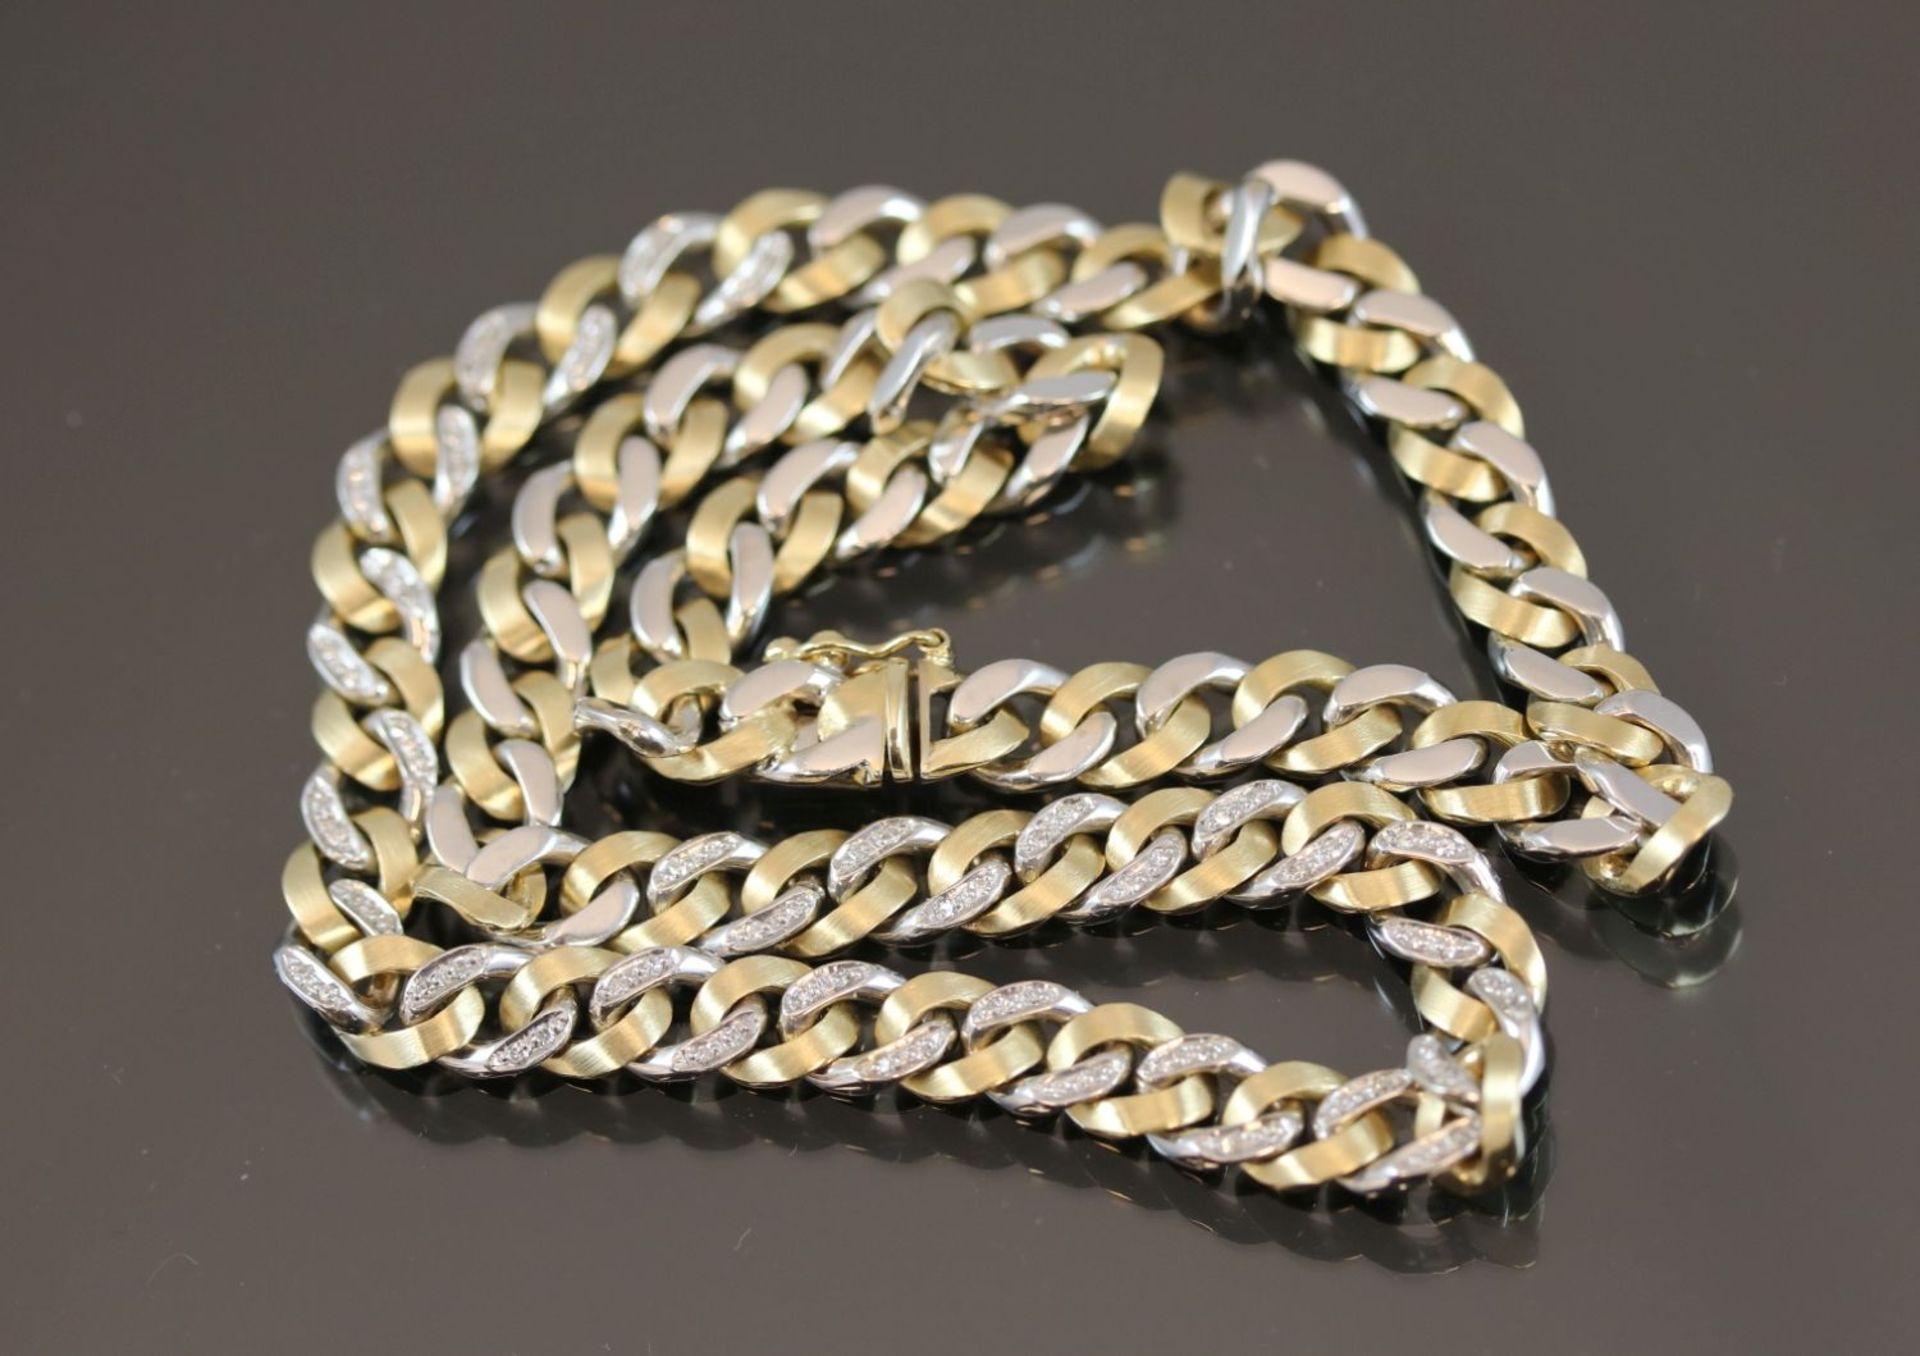 Los 8 - Diamant-Halskette, 585 Gold47,7 Gramm 72 Diamanten, 0,35 ct., w/si. Länge: 42 cm Schätzpreis: 4000,-